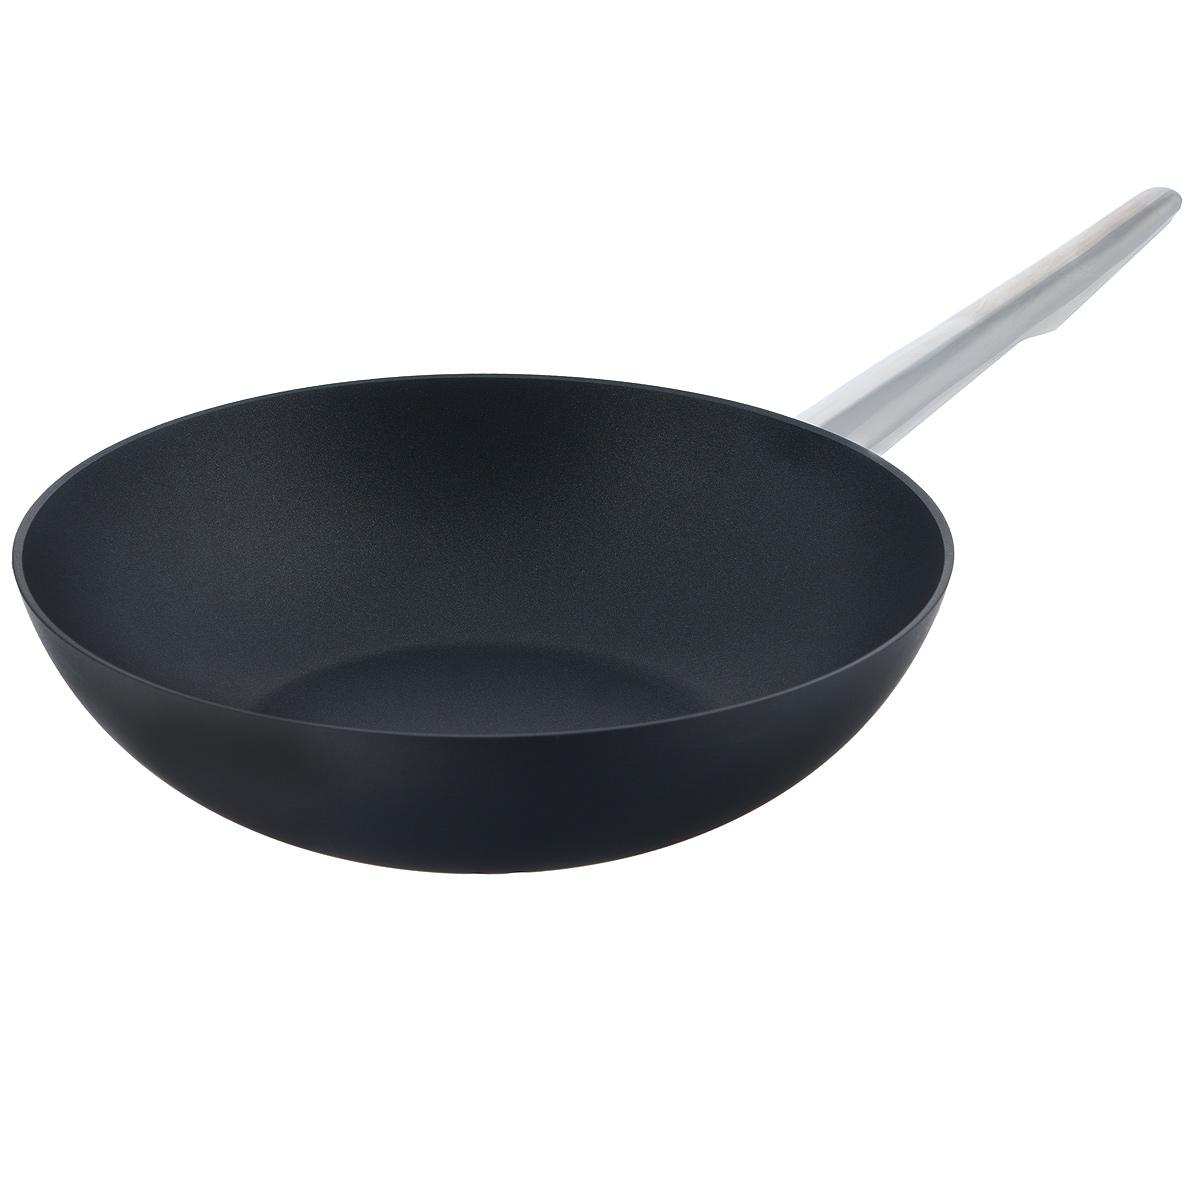 Сковорода-вок TVS Maestrale, с антипригарным покрытием, цвет: черный. Диаметр 28 см1V761283310001Сковорода-вок TVS Maestrale выполнена из алюминия с внешним лаковым покрытием черного цвета и обладает превосходной теплопроводностью. Внутреннее антипригарное покрытие Toptec позволяет готовить пищу с минимальным использованием масла. Прочная поверхность сковороды не боится механических повреждений. Эргономичная ручка, изготовленная из нержавеющей стали, имеет плавные формы, которые подчеркивают стиль сковороды. Сковорода-вок TVS Maestrale изготовлена из экологичных материалов, что делает ее пригодной для приготовления пищи детям. Подходит для всех видов плит, включая индукционные. Сковороду-вок TVS Maestrale можно использовать в духовому шкафу. Максимальная температура 230°С. Можно мыть в посудомоечной машине. Особенностью коллекции Maestrale является фурнитура из нержавеющей стали с изящными формами, очень эффектно сочетающаяся с литым корпусом изделий с черным антипригарным покрытием Toptec. Дно сковород и кастрюль, входящих в...